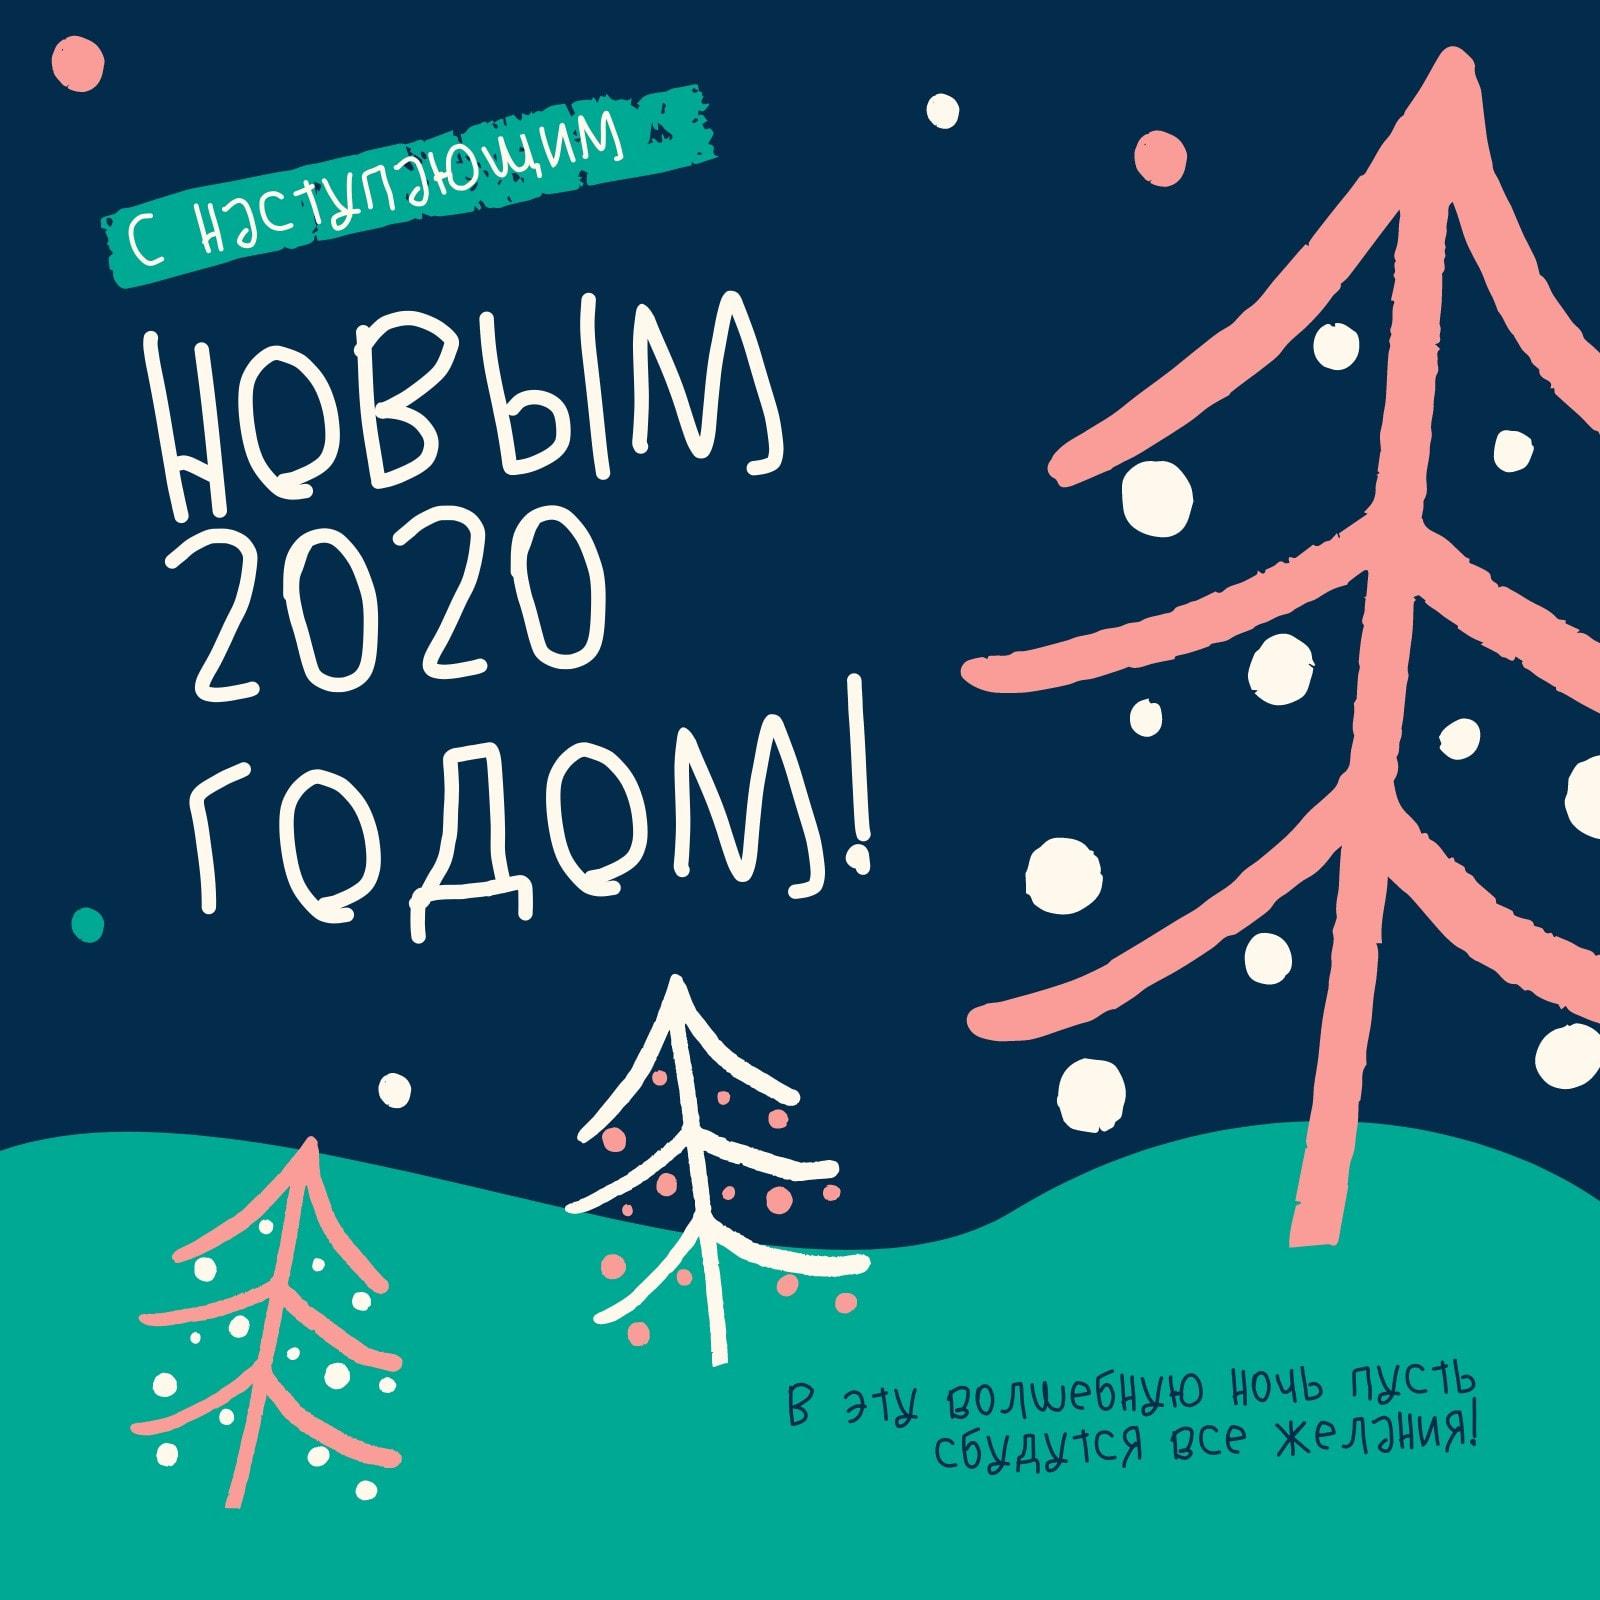 Сине-зеленая новогодняя публикация в Instagram с рисунком елок в снегу